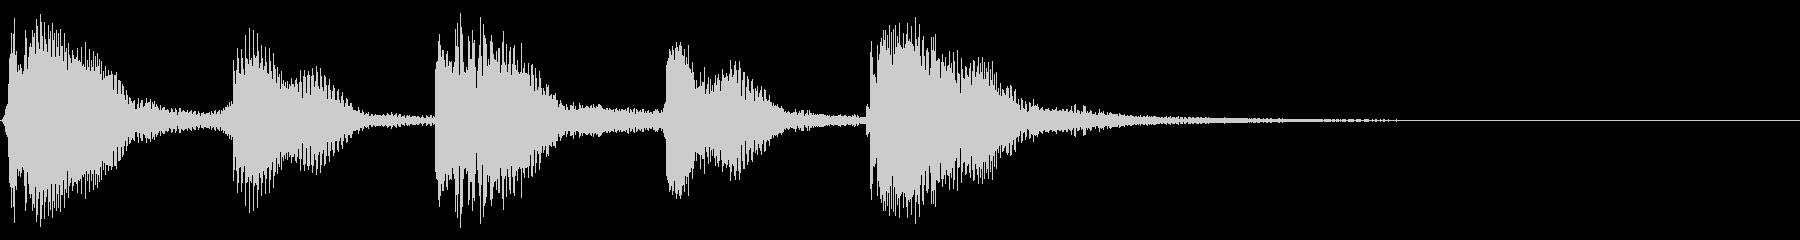 あかるい リコーダー トイピアノ の未再生の波形